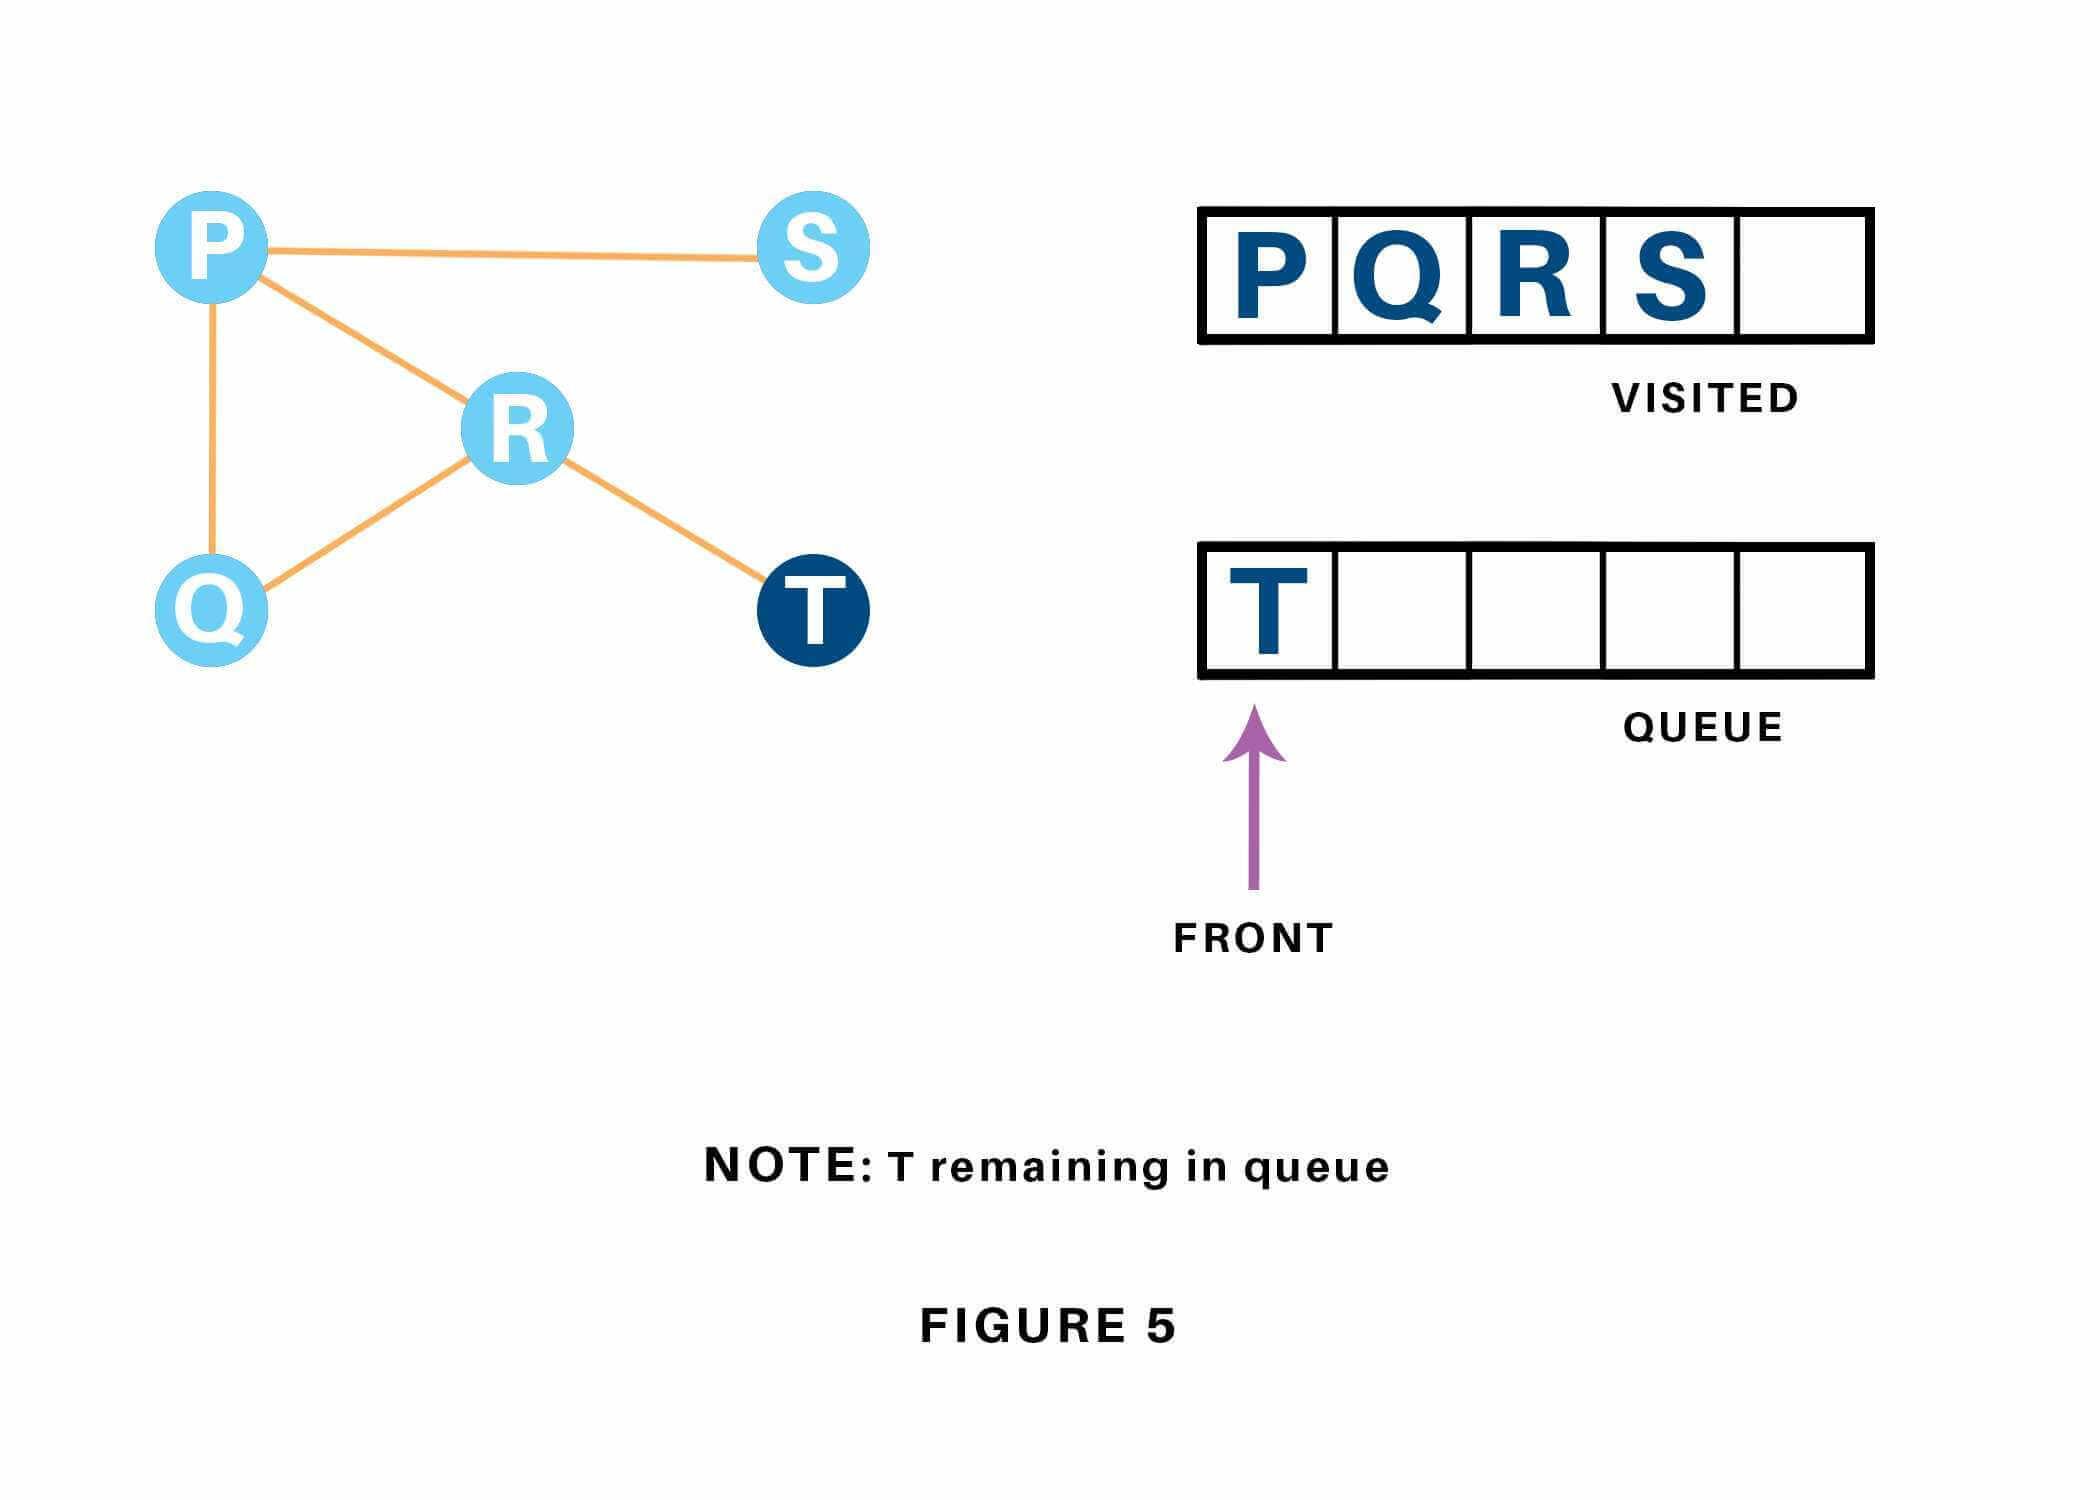 Vertex R has unvisited node T